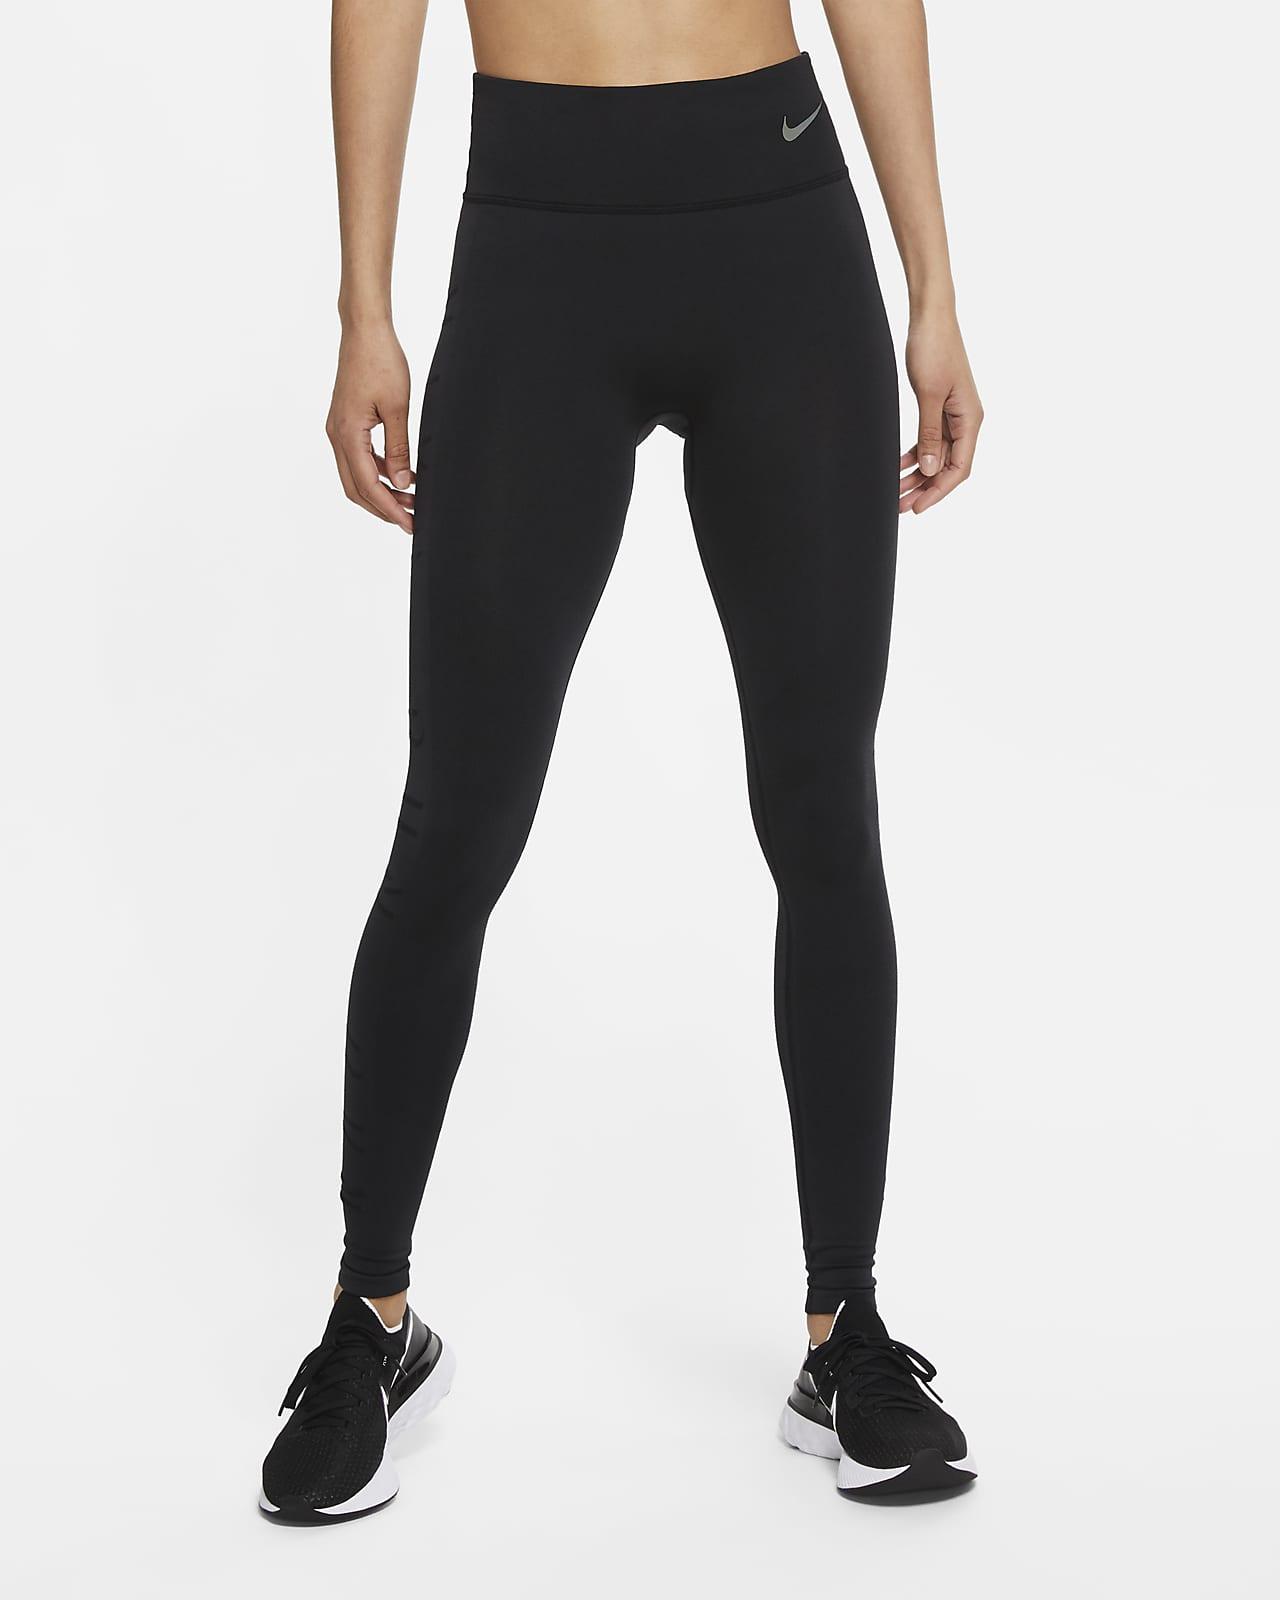 Nike Epic Luxe Run Division 3/4-Laufhose aus Wolle mit halbhohem Bund und Print für Damen